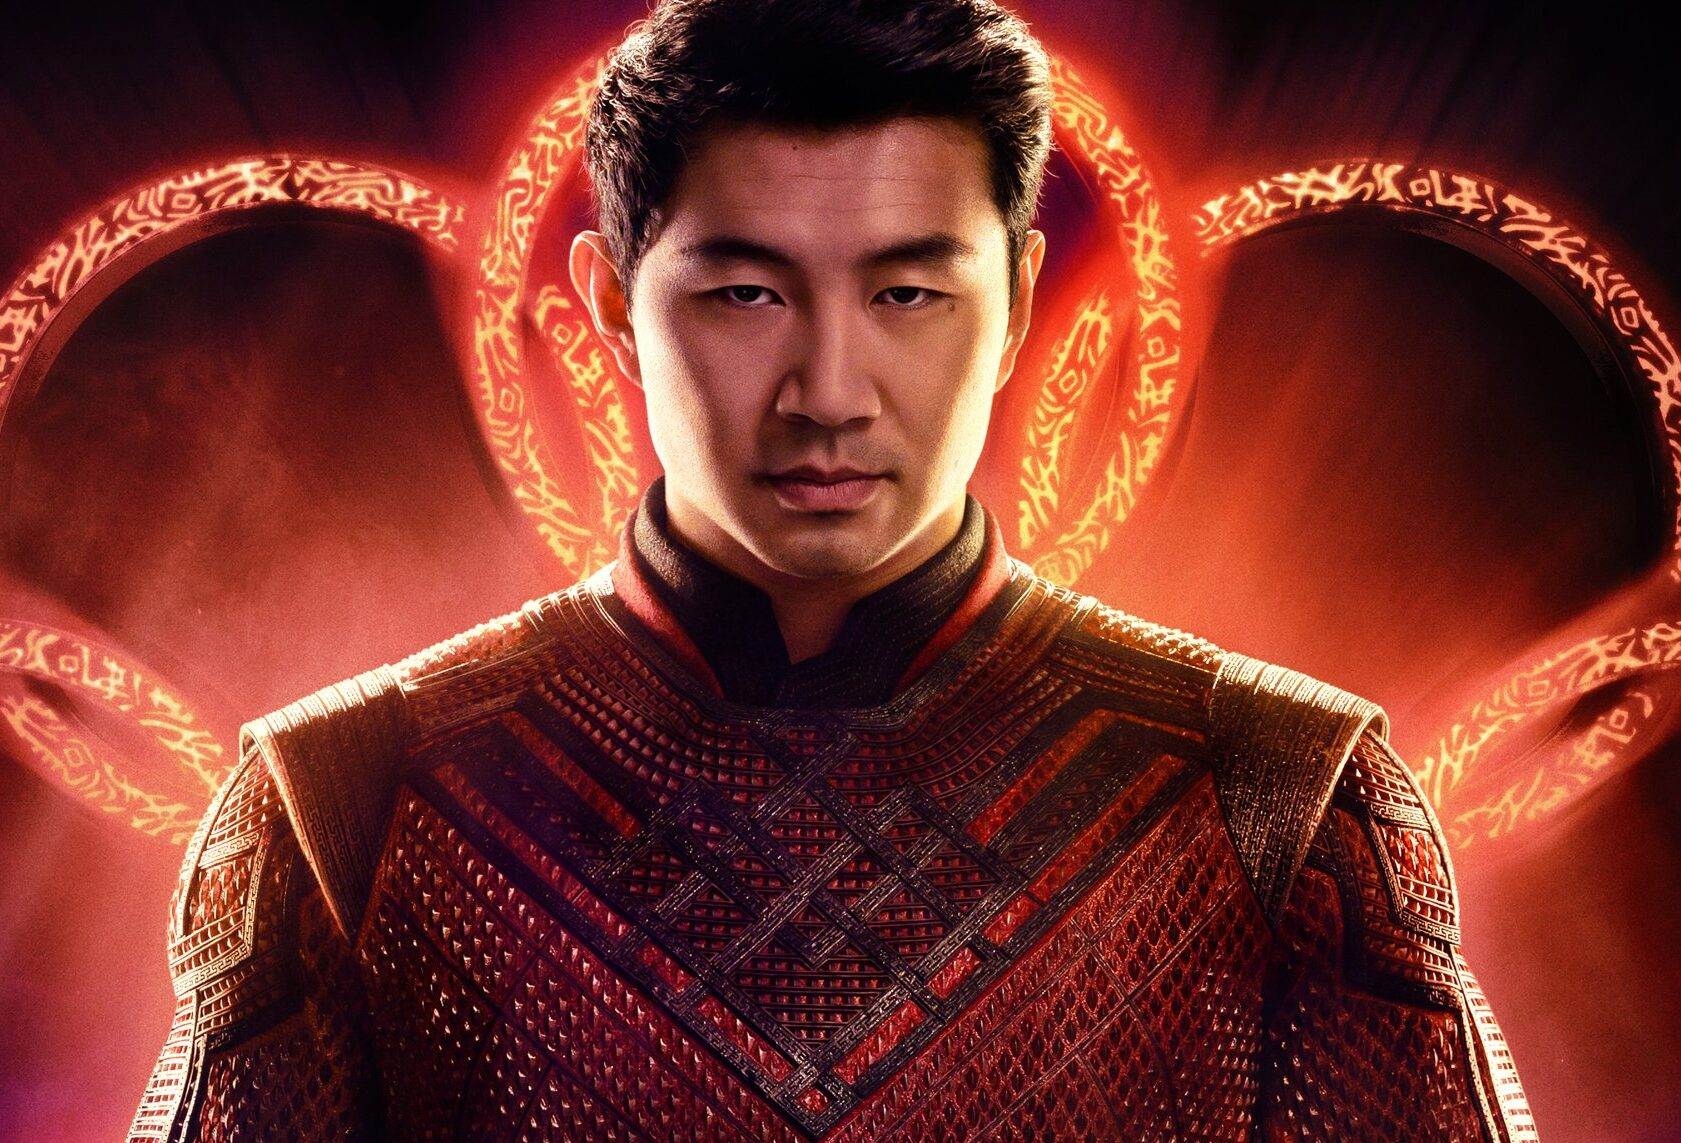 Shang Chi Teaser poster min e1618859766244